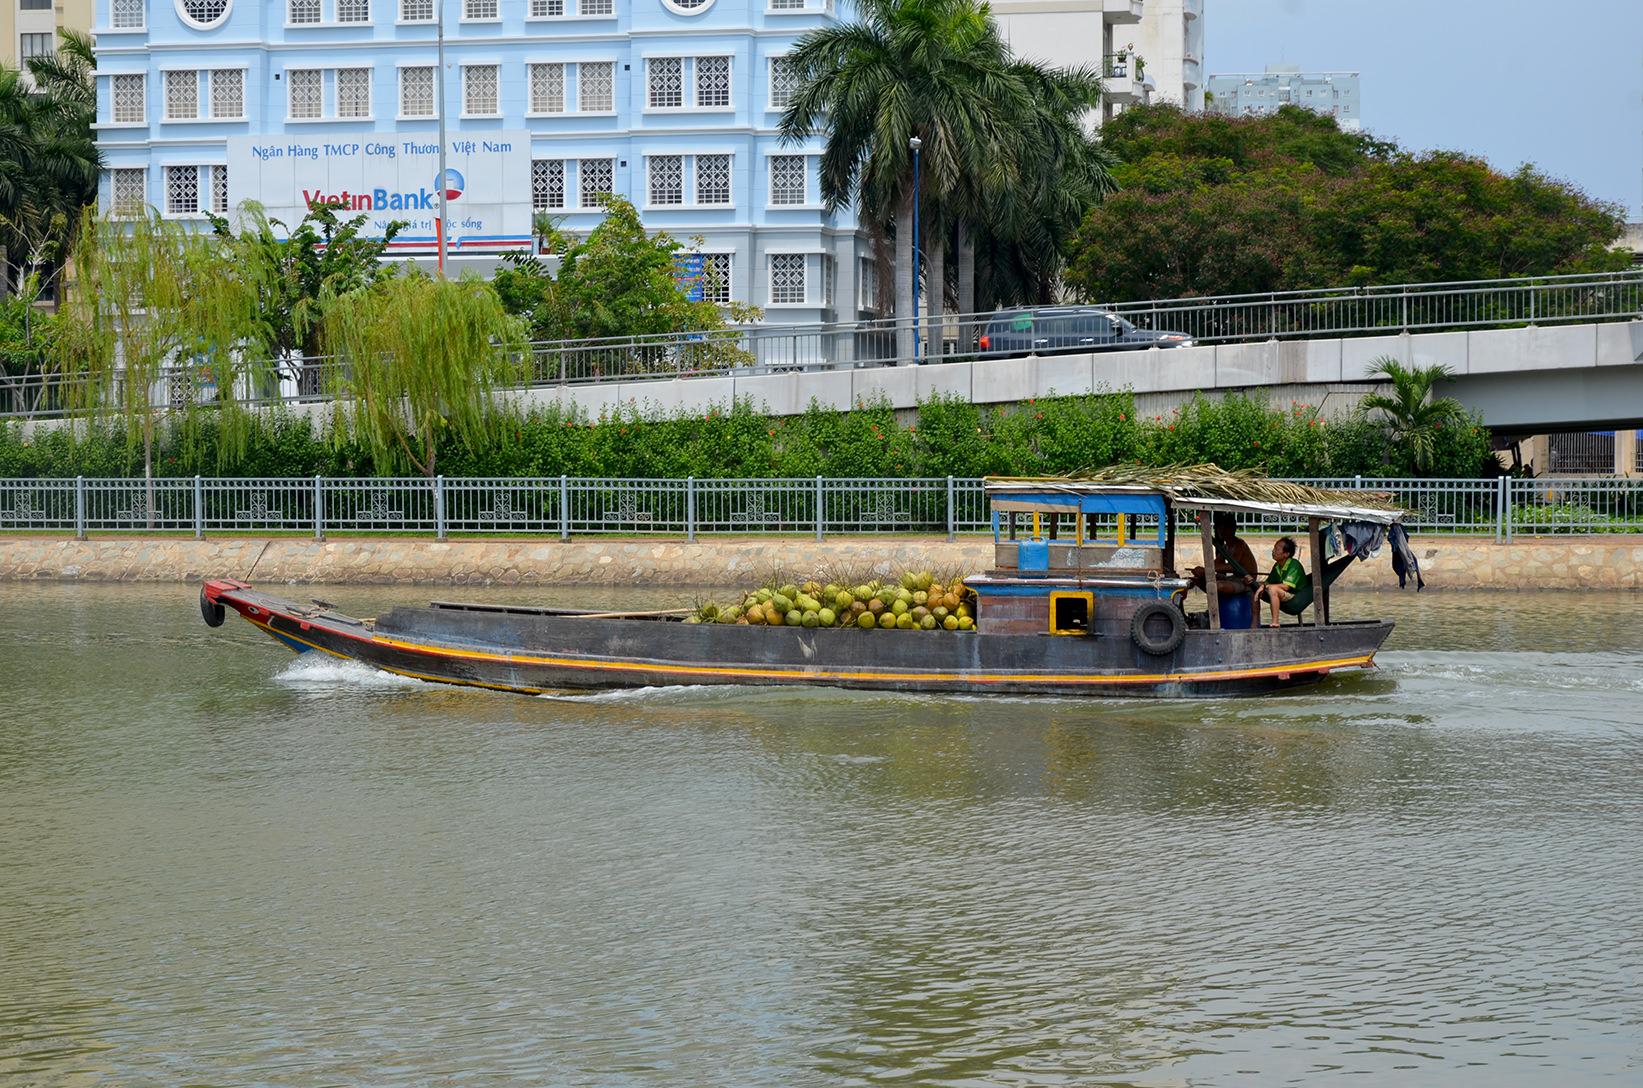 Наши лучшие фотографии из путешествий 2016 года. Хошимин, Вьетнам